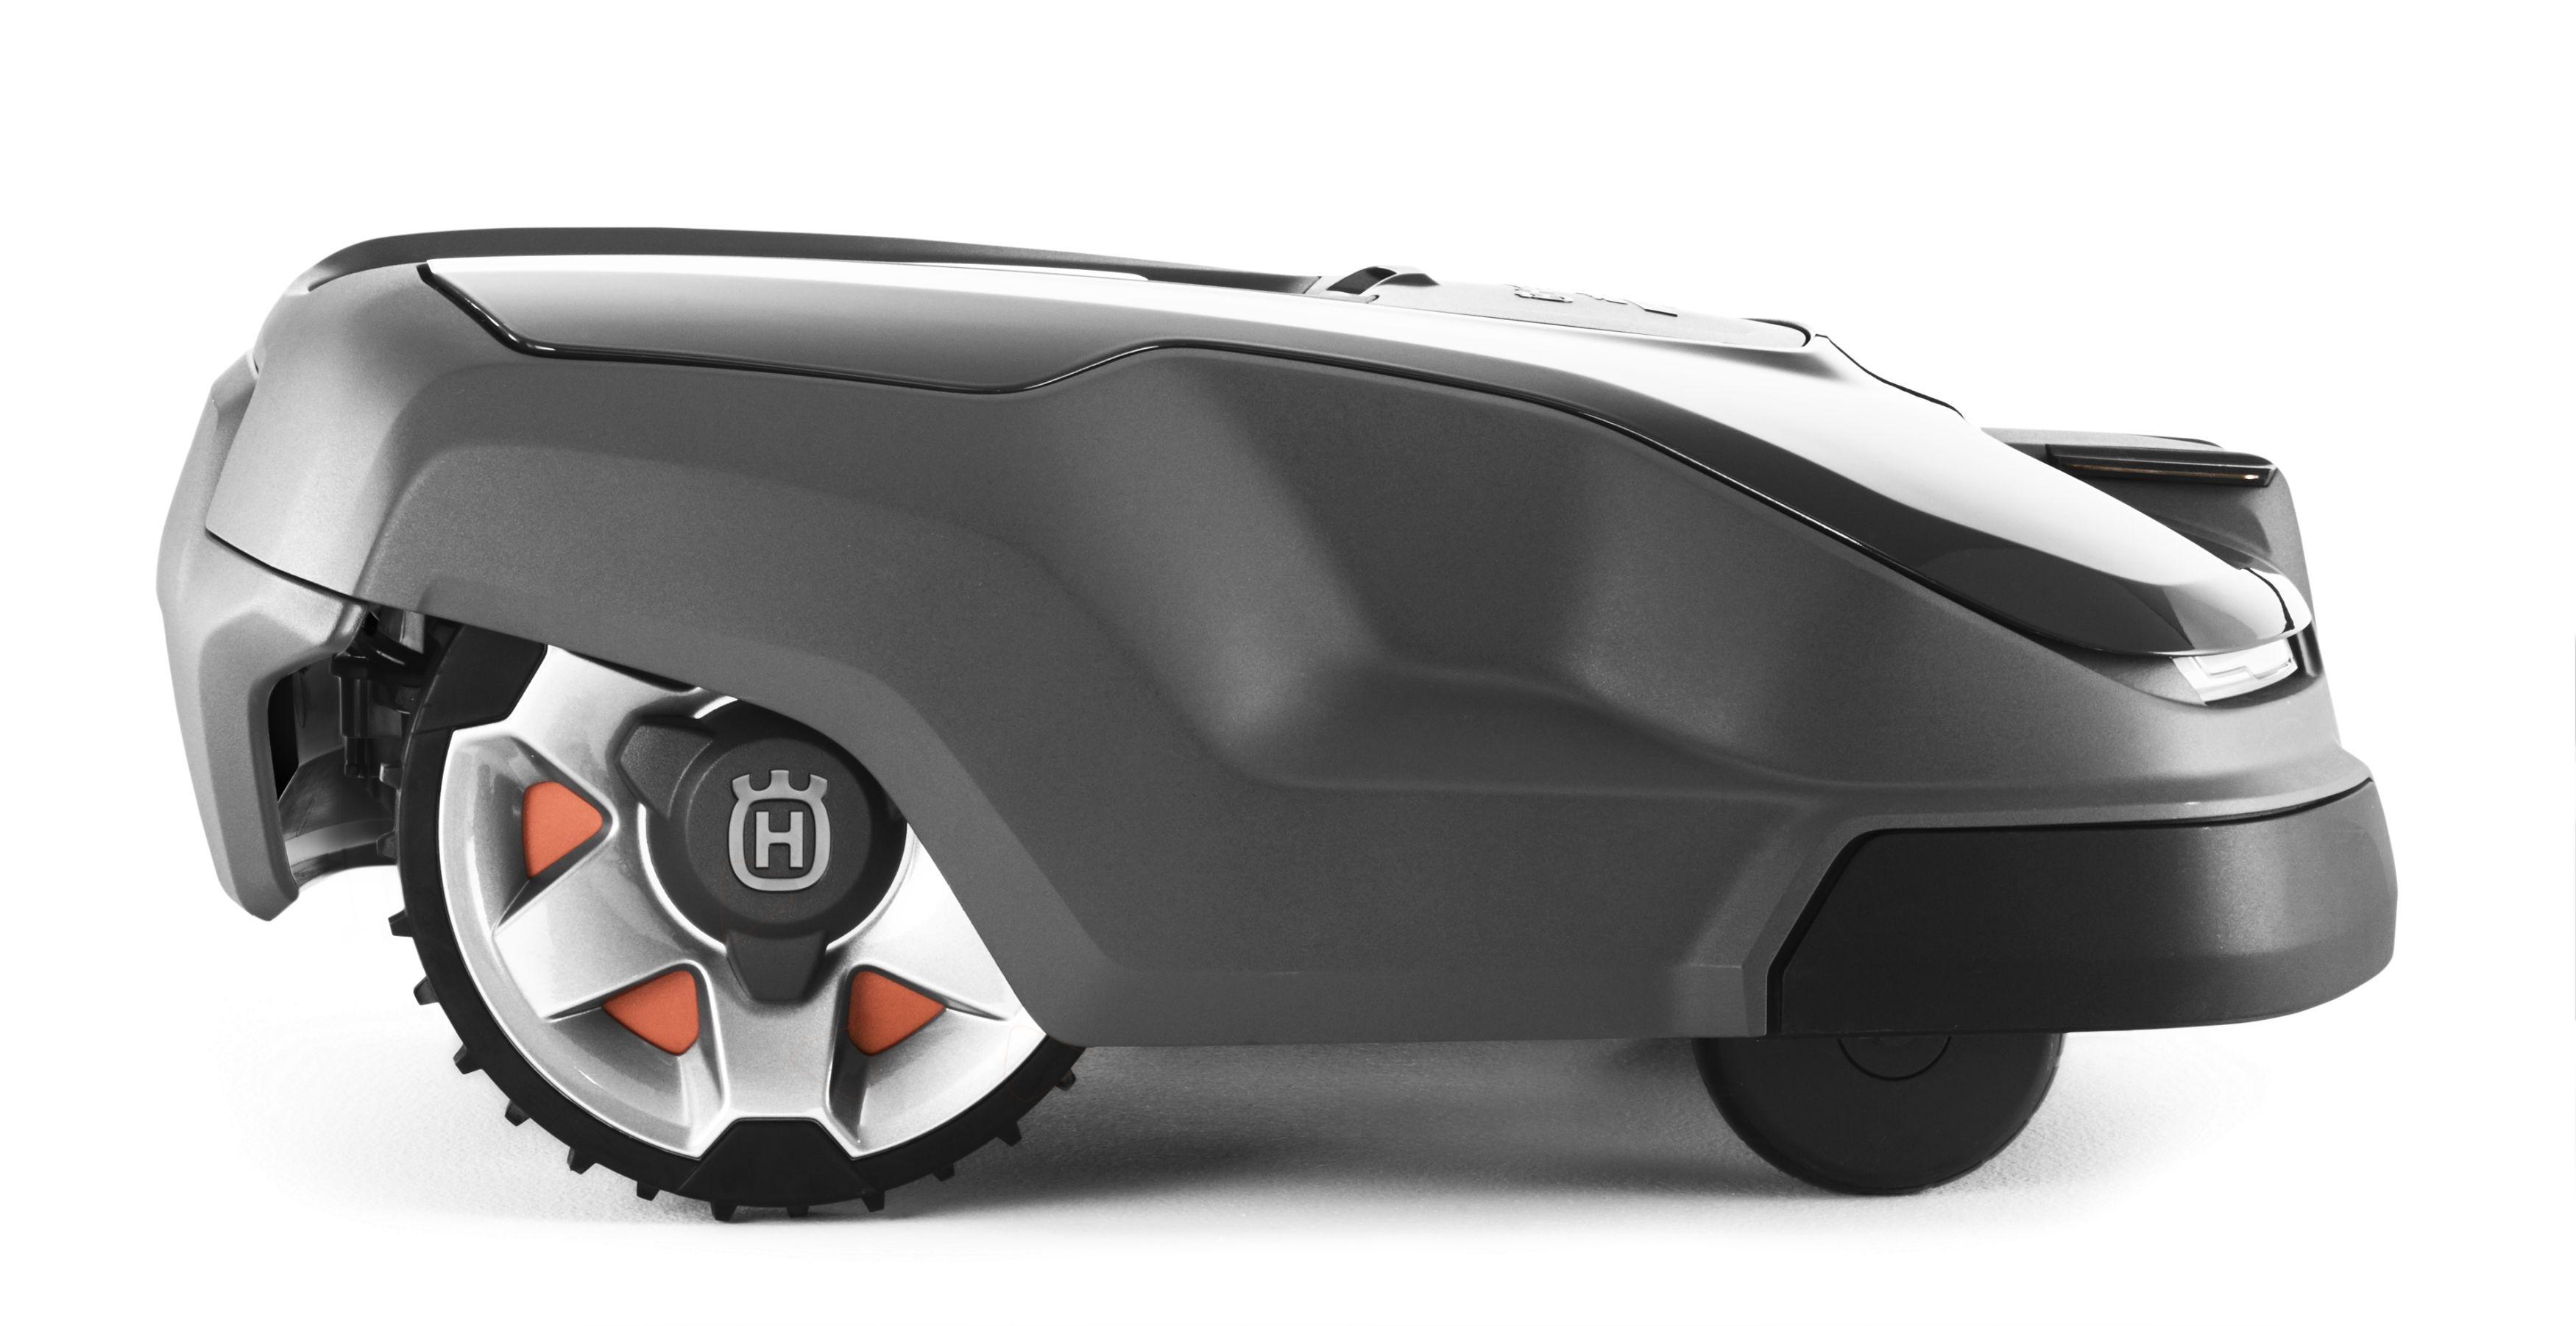 husqvarna automower entscheidungshilfen f r einen rasenroboter krannich hausautomation. Black Bedroom Furniture Sets. Home Design Ideas